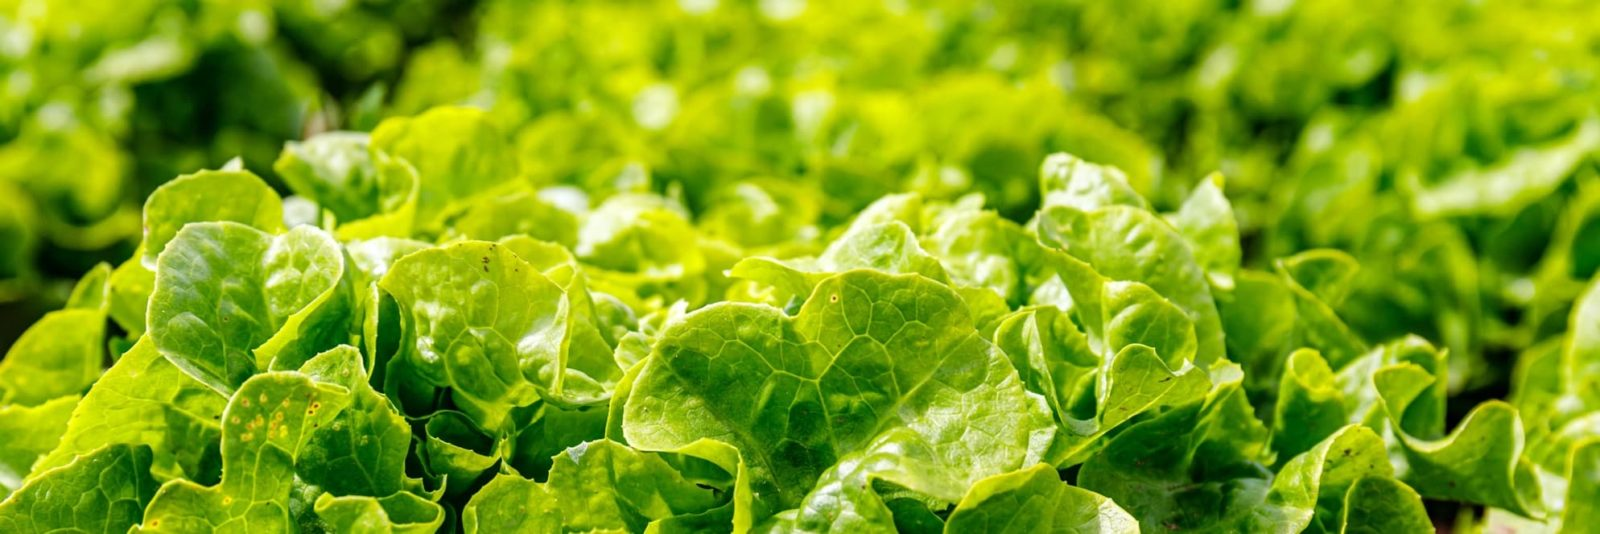 green textured lettuce leaves